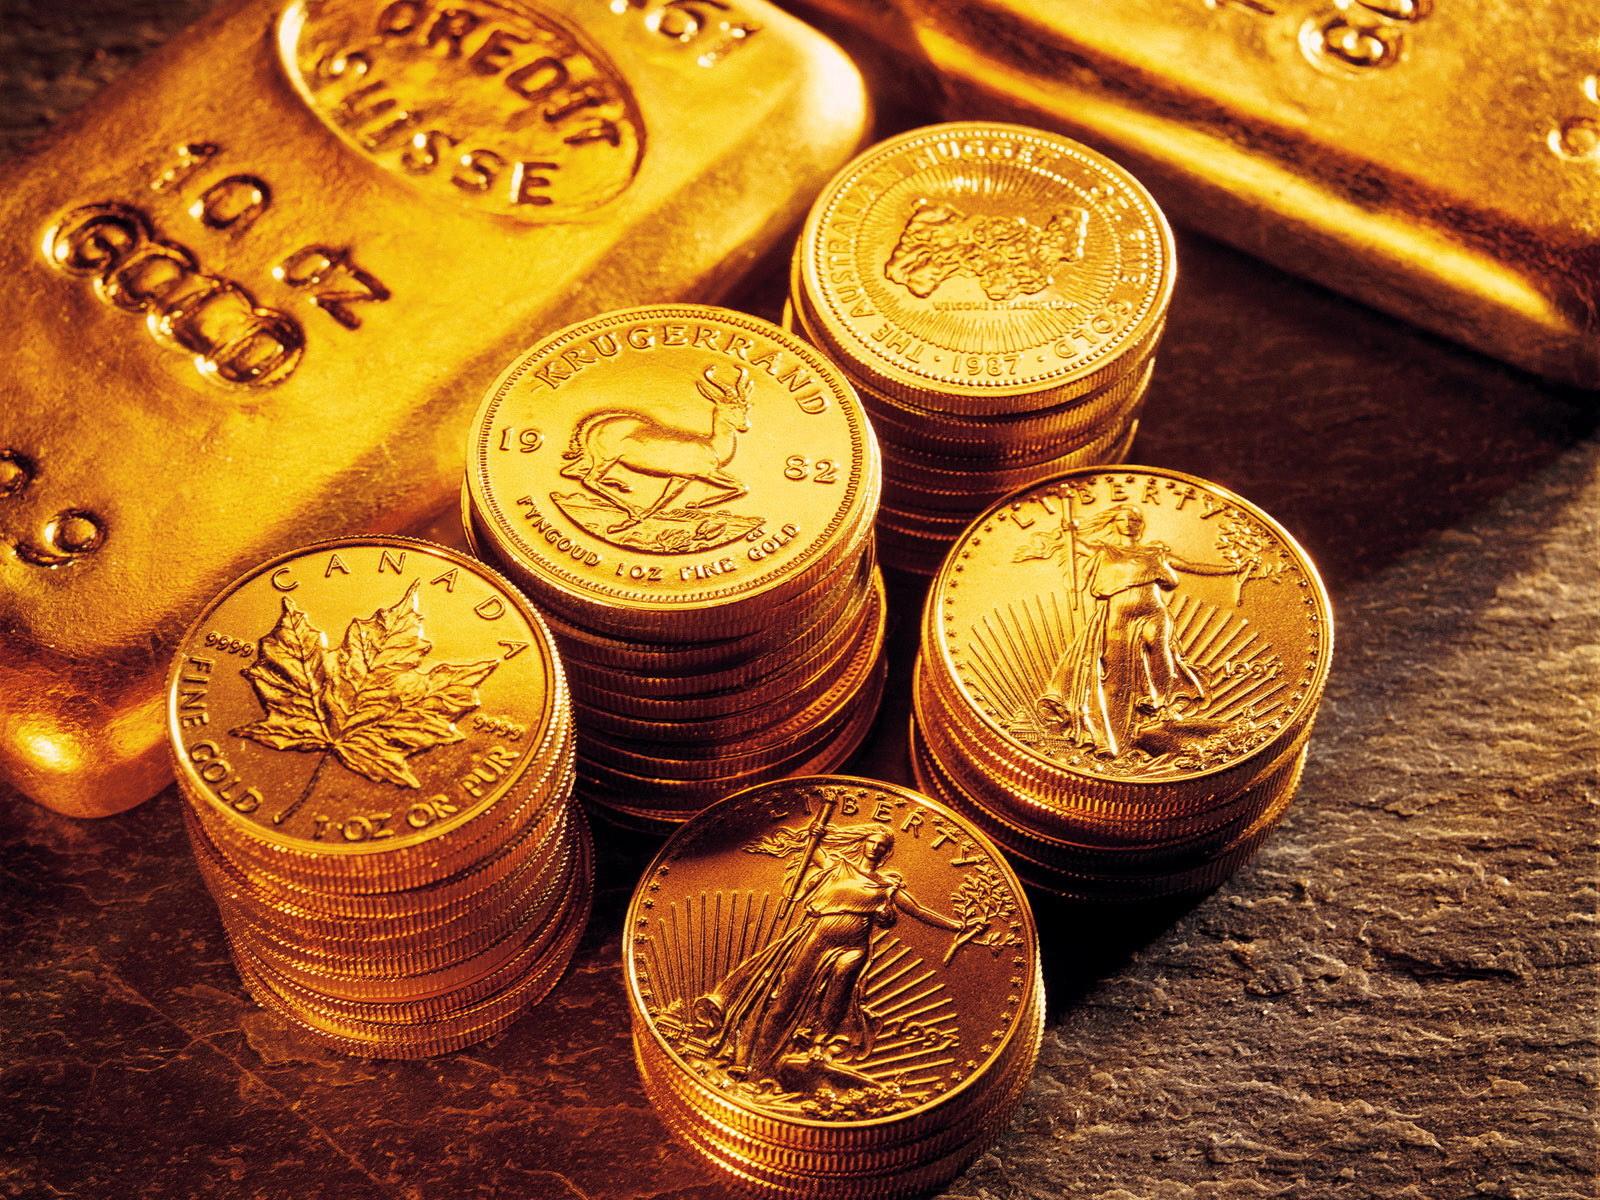 9月份大运来临,财神福星齐聚,钱财越赚越多的三个生肖